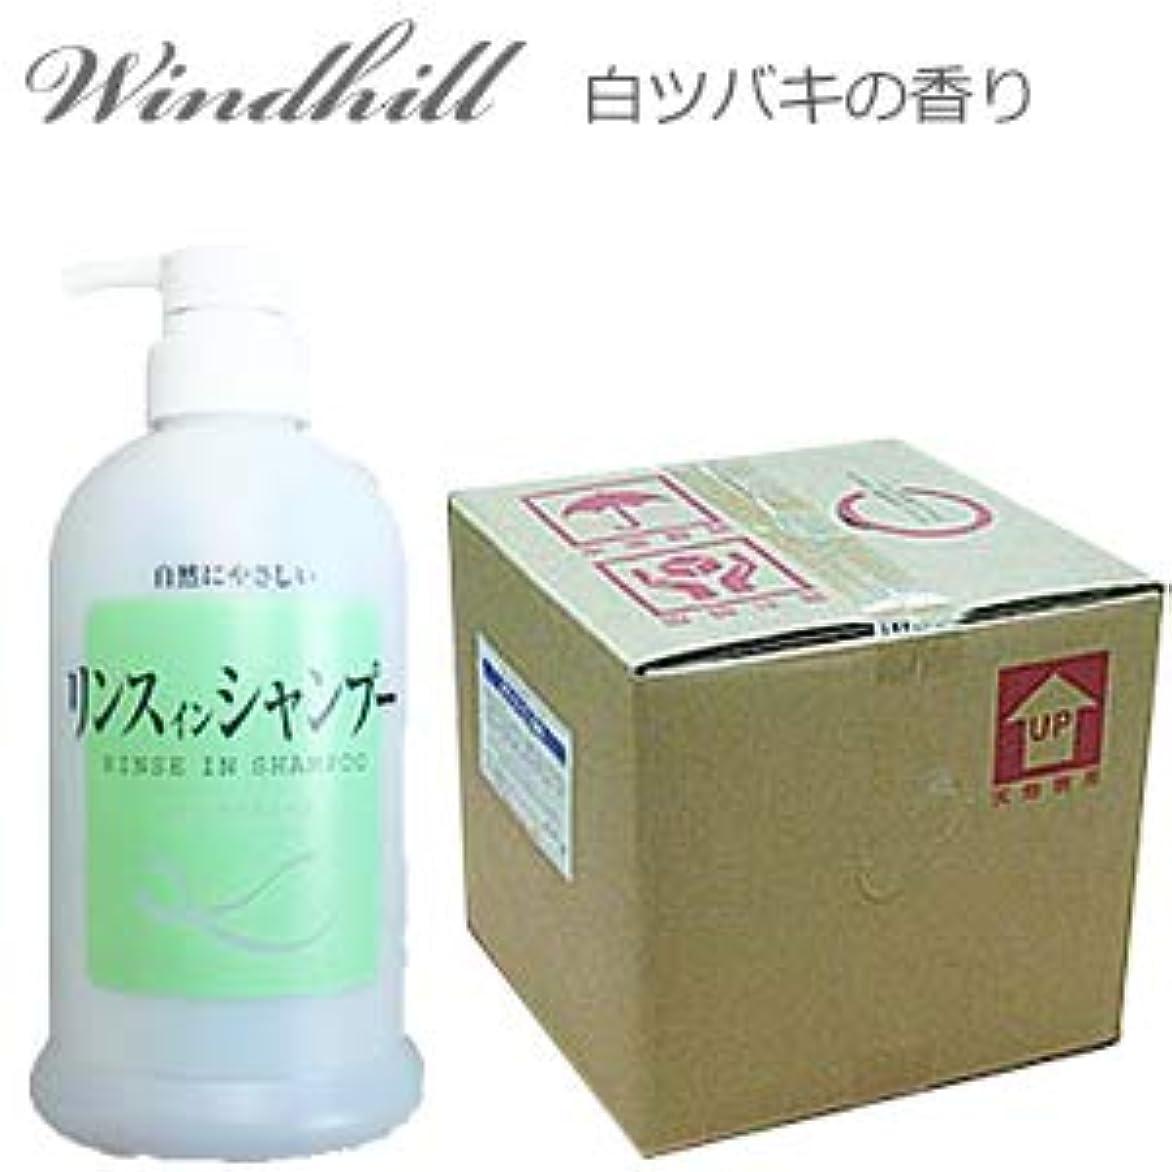 永久に努力する光沢なんと! 500ml当り175円 Windhill 植物性 業務用 リンスインシャンプー 白椿の香り